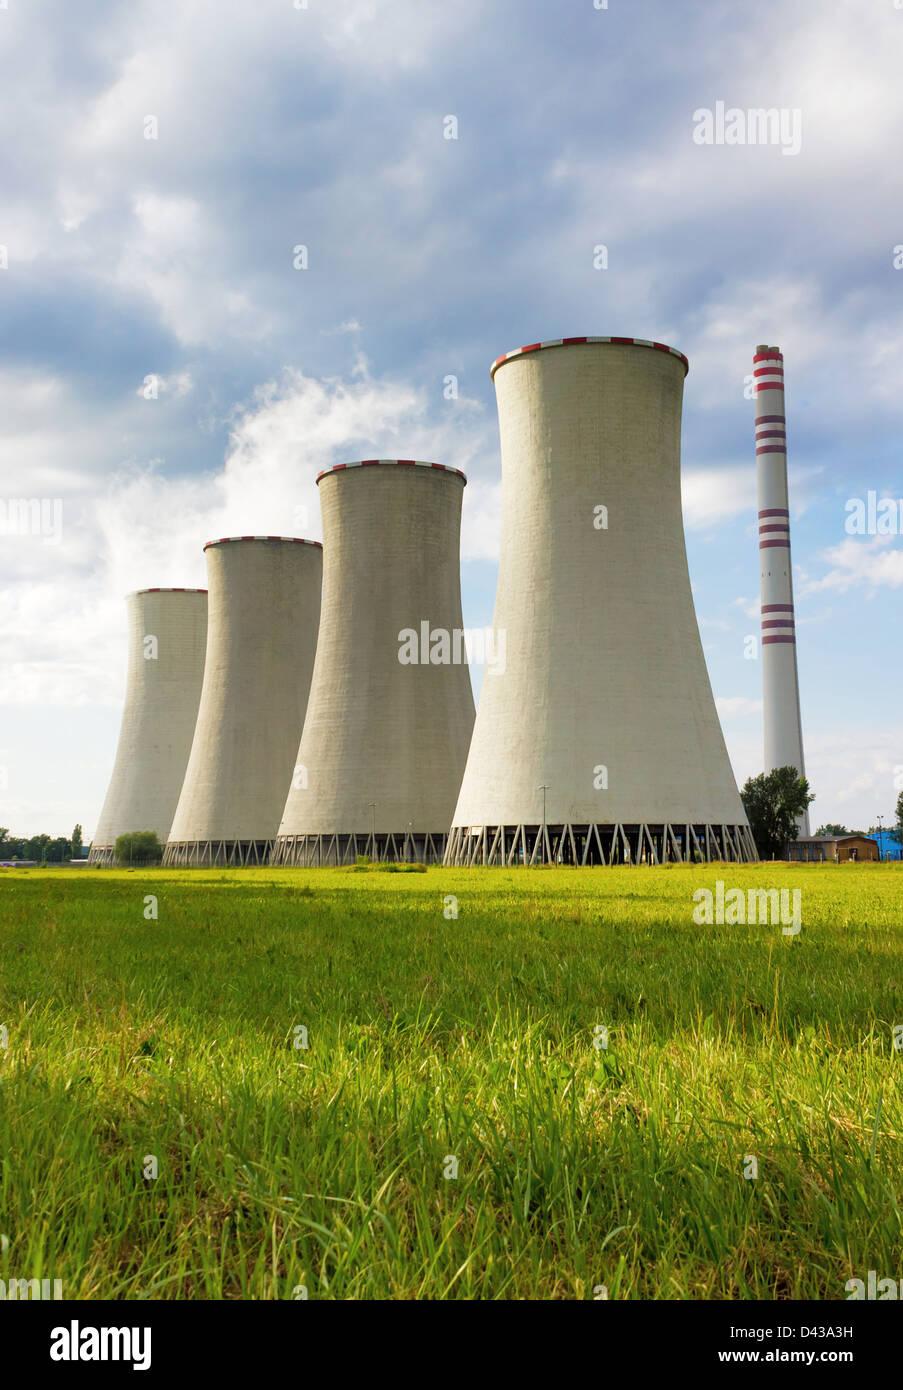 Coal-burning power plant - Stock Image